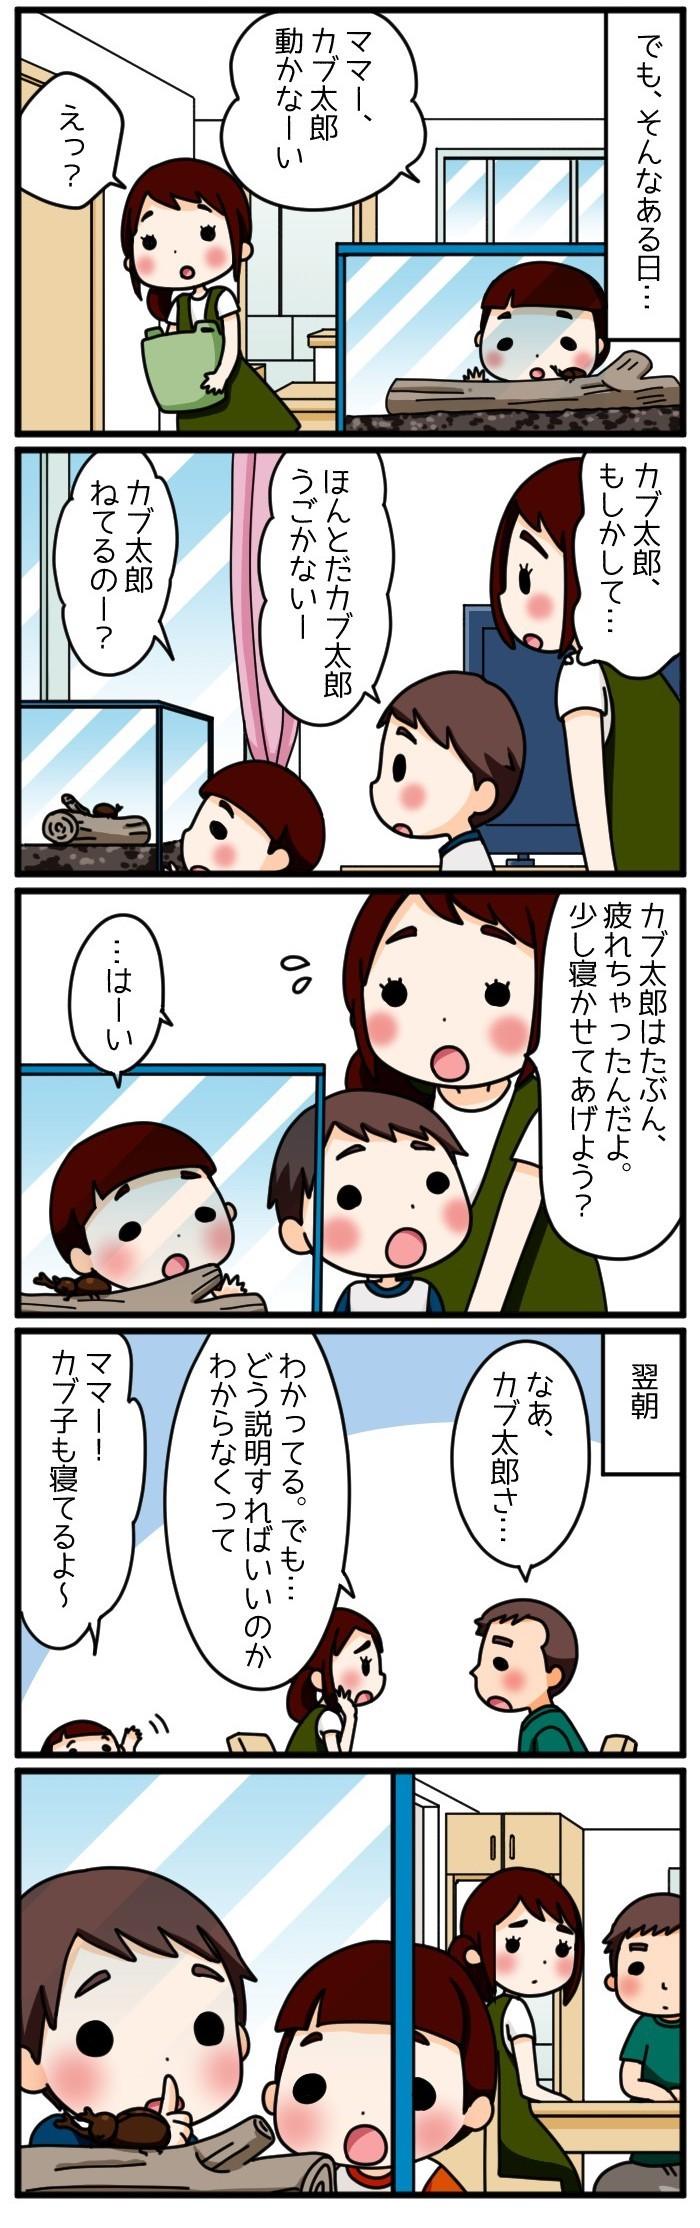 息子はワクワク、ママはドキドキ…!家族でカブトムシを育てた思い出の画像4